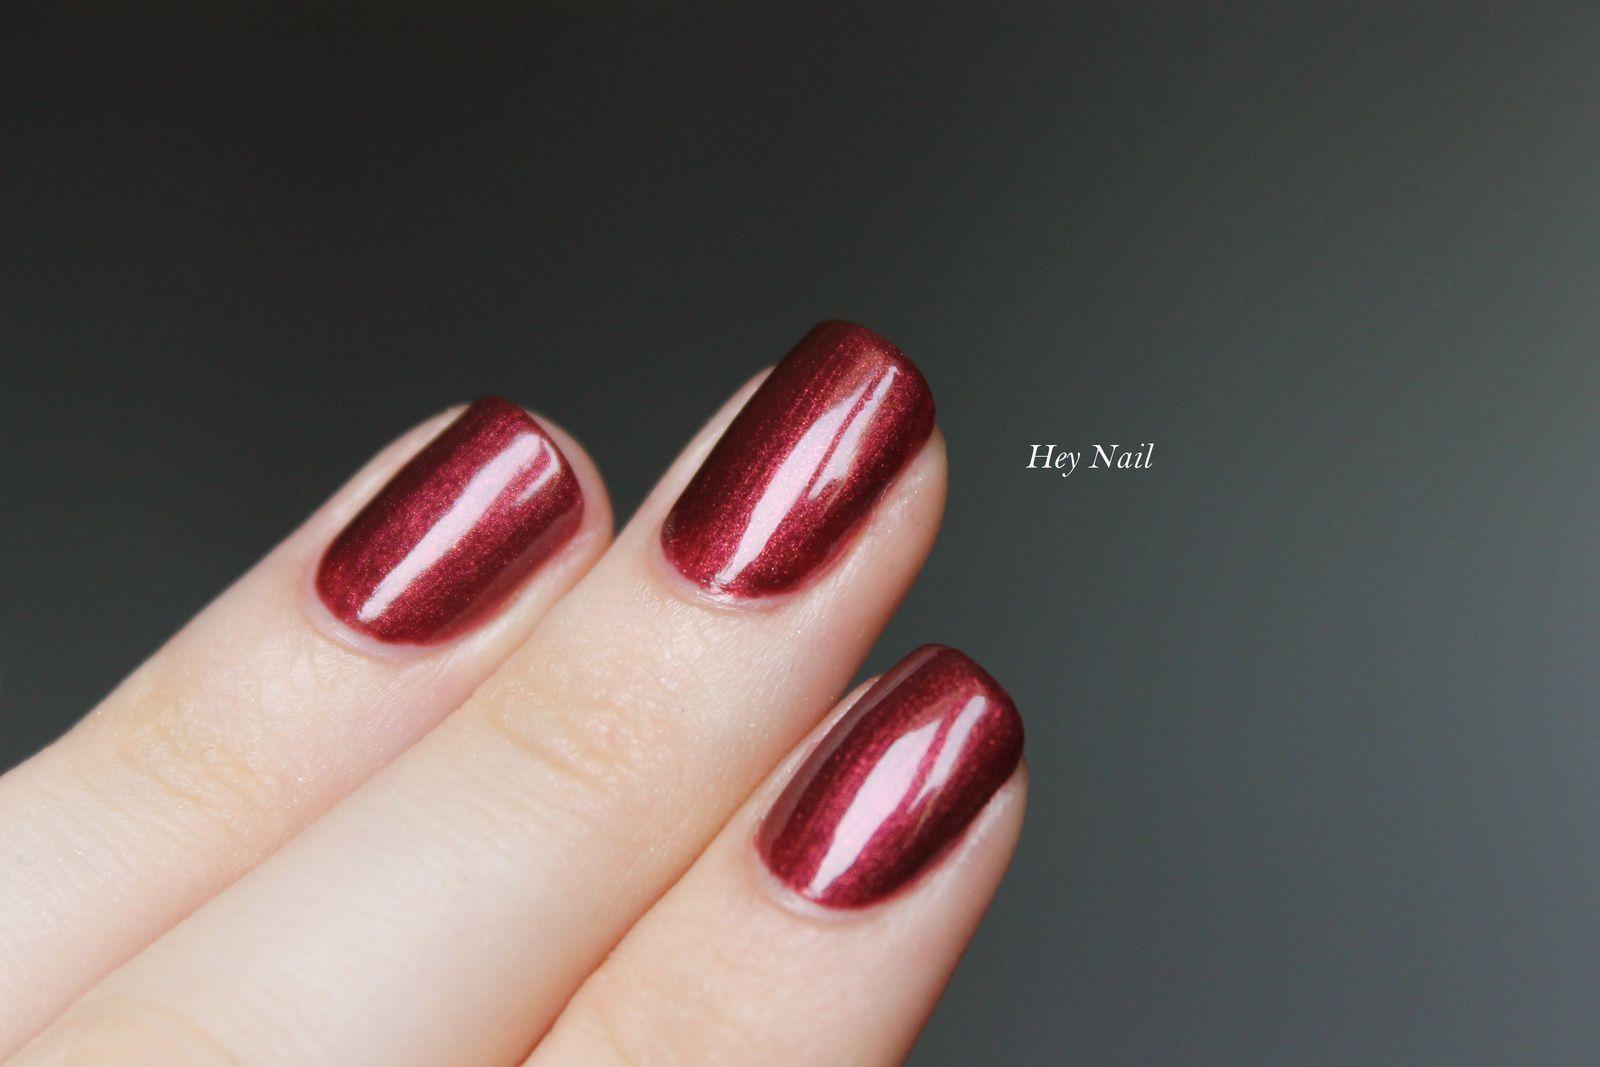 Kiko n°224 - Dark Pearly Copper